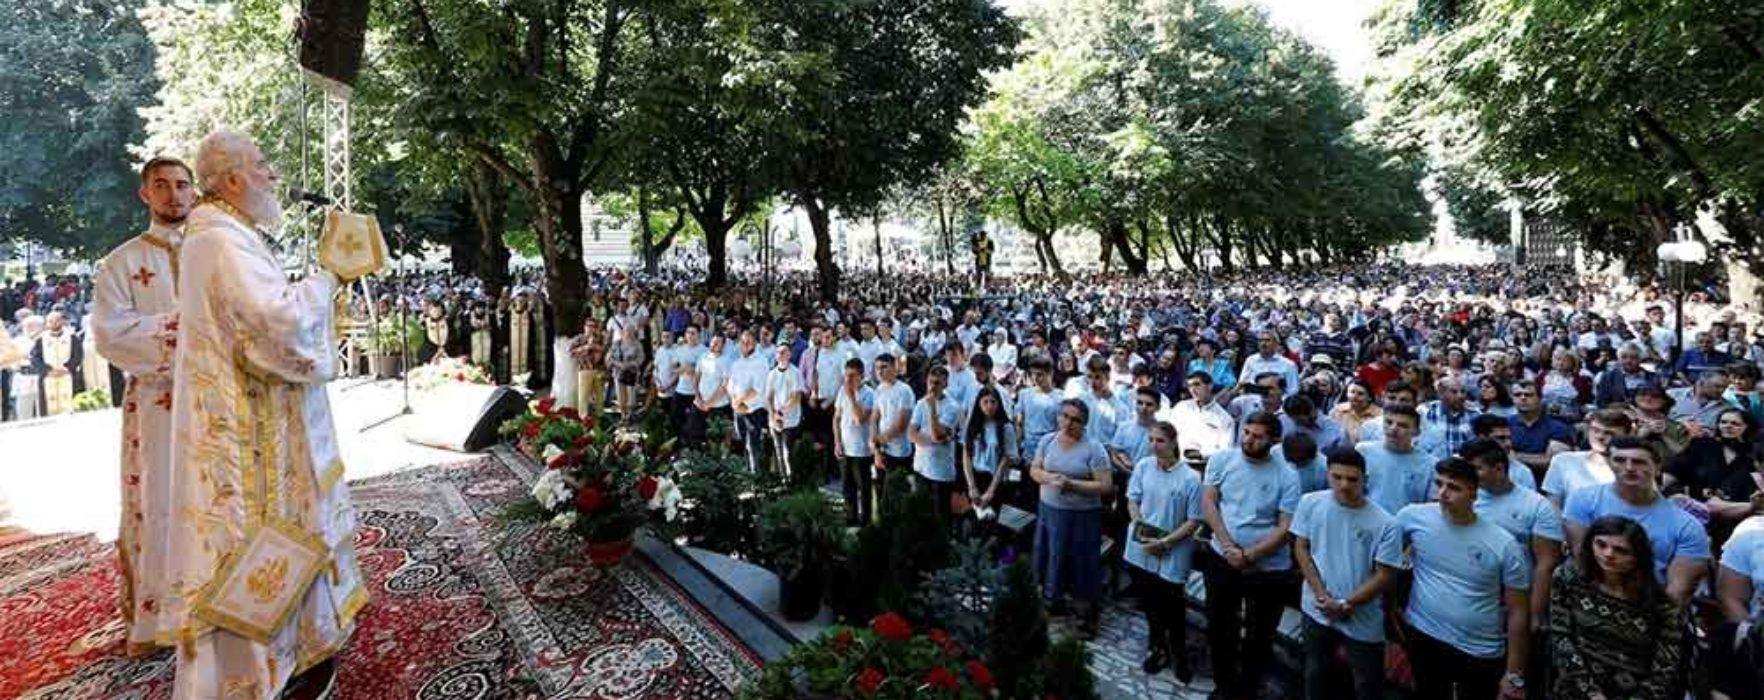 Arhiepiscopia Târgoviştei: Peste 20.000 de credincioşi au venit la manifestările de Sf. Nifon